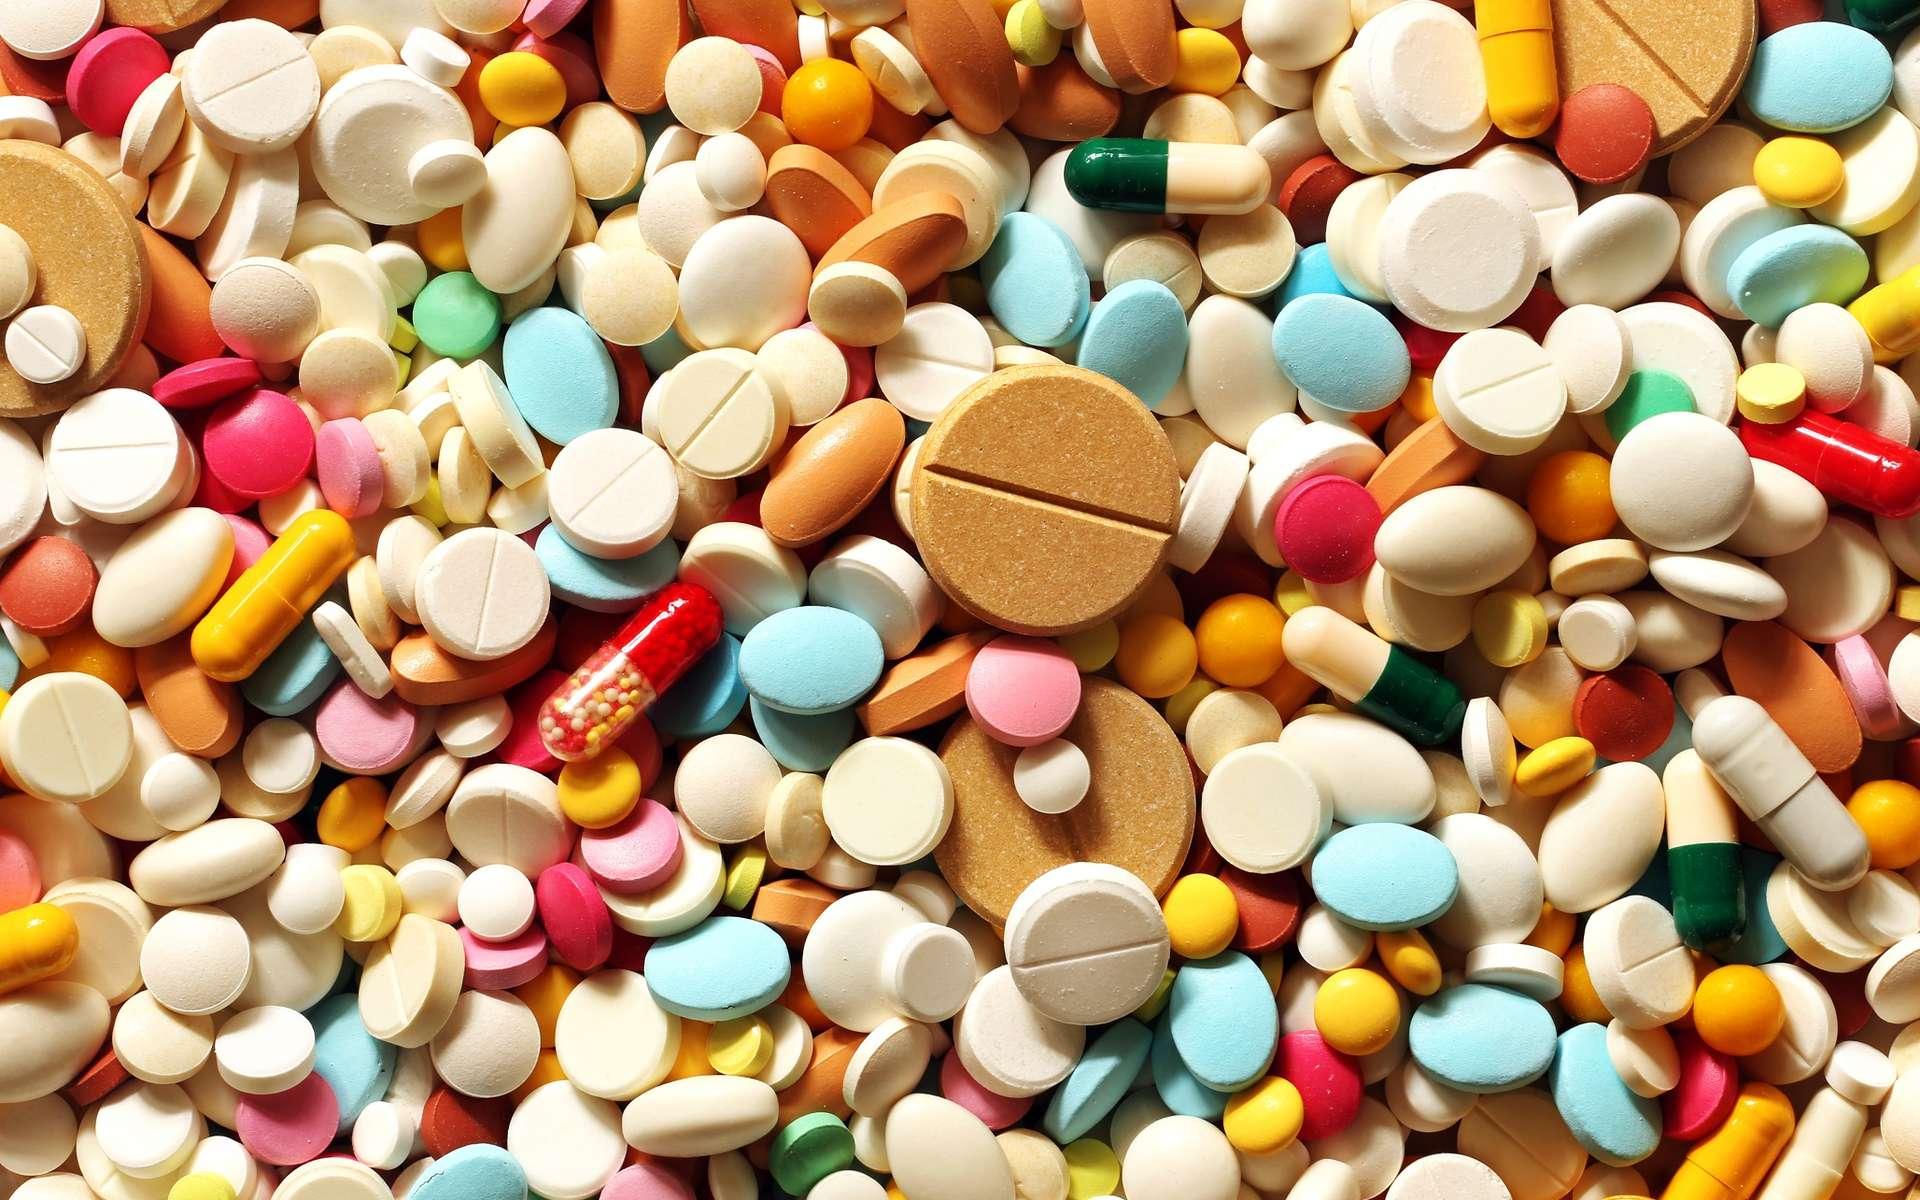 Les imprimantes 3D fabriqueront-elles bientôt des médicaments adaptés à chacun ? © Pavel Kubarkov, Shutterstock